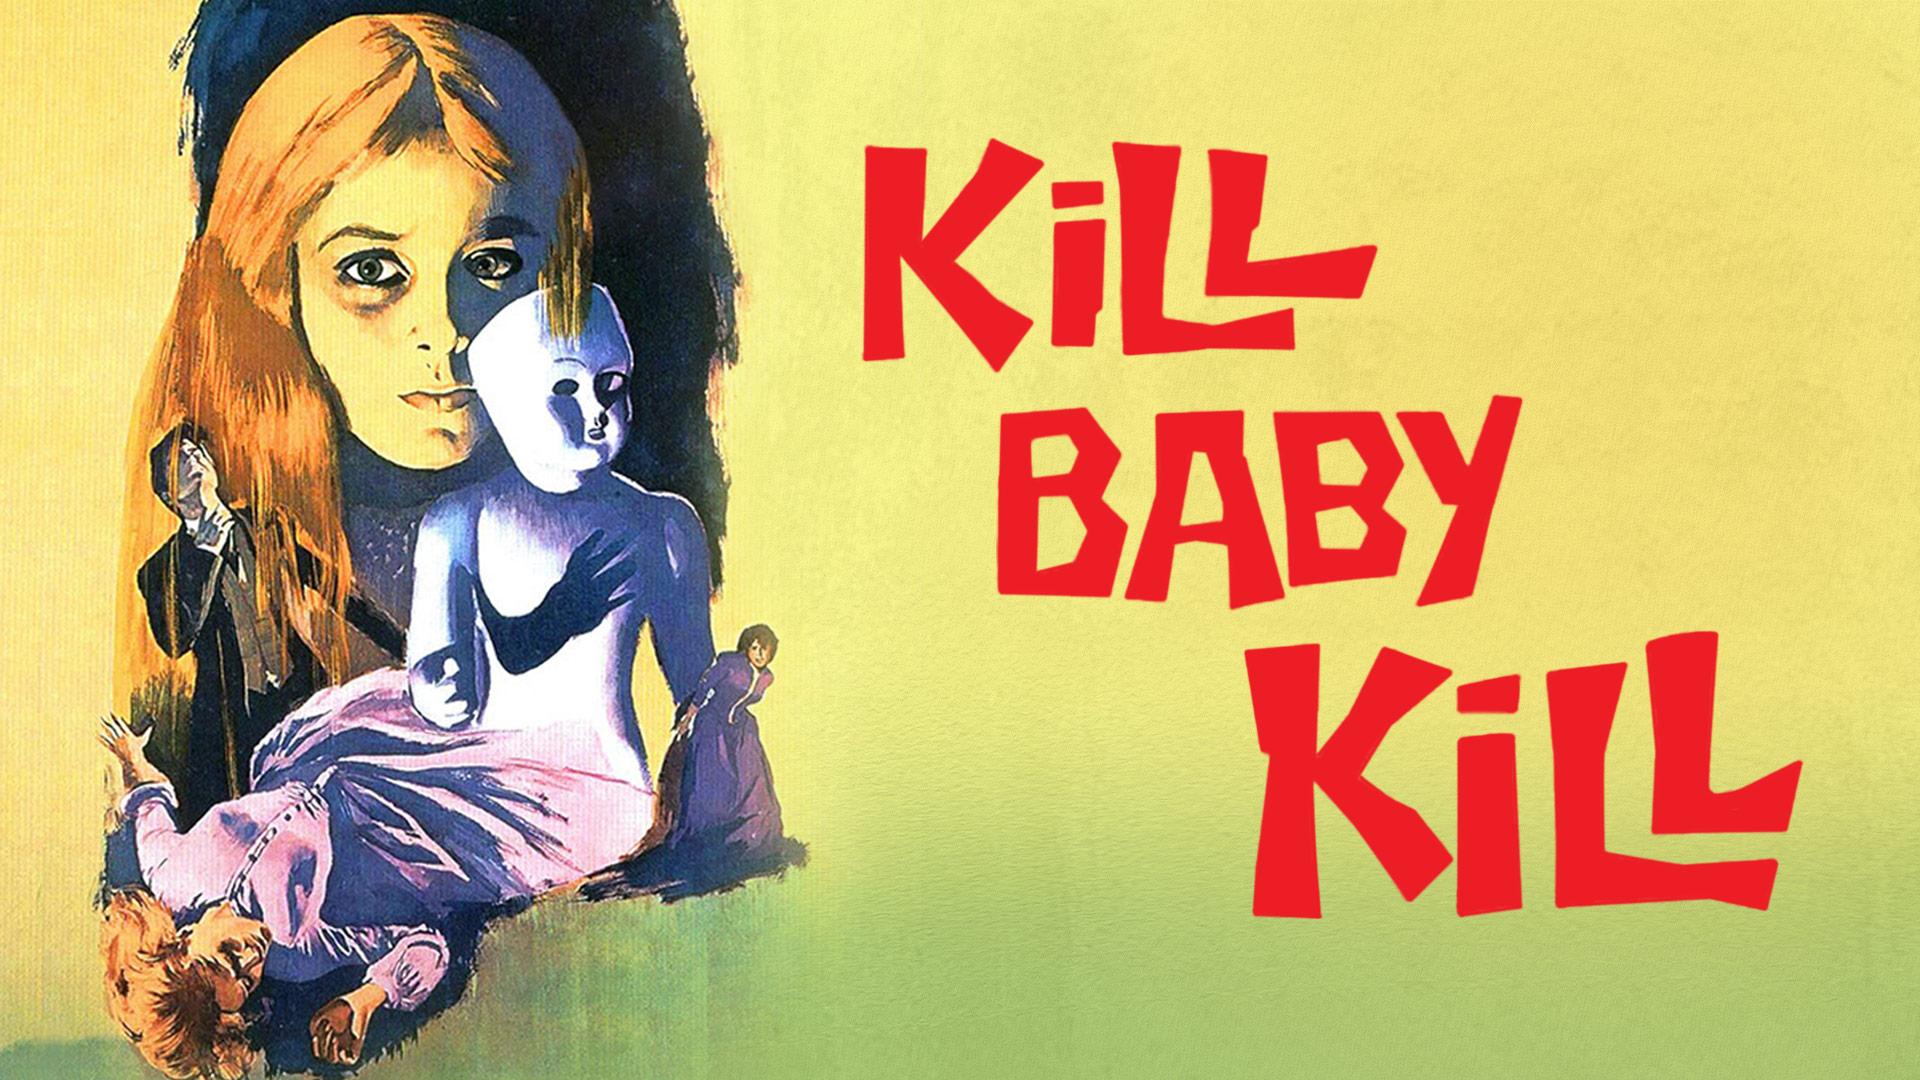 Kill, Baby Kill